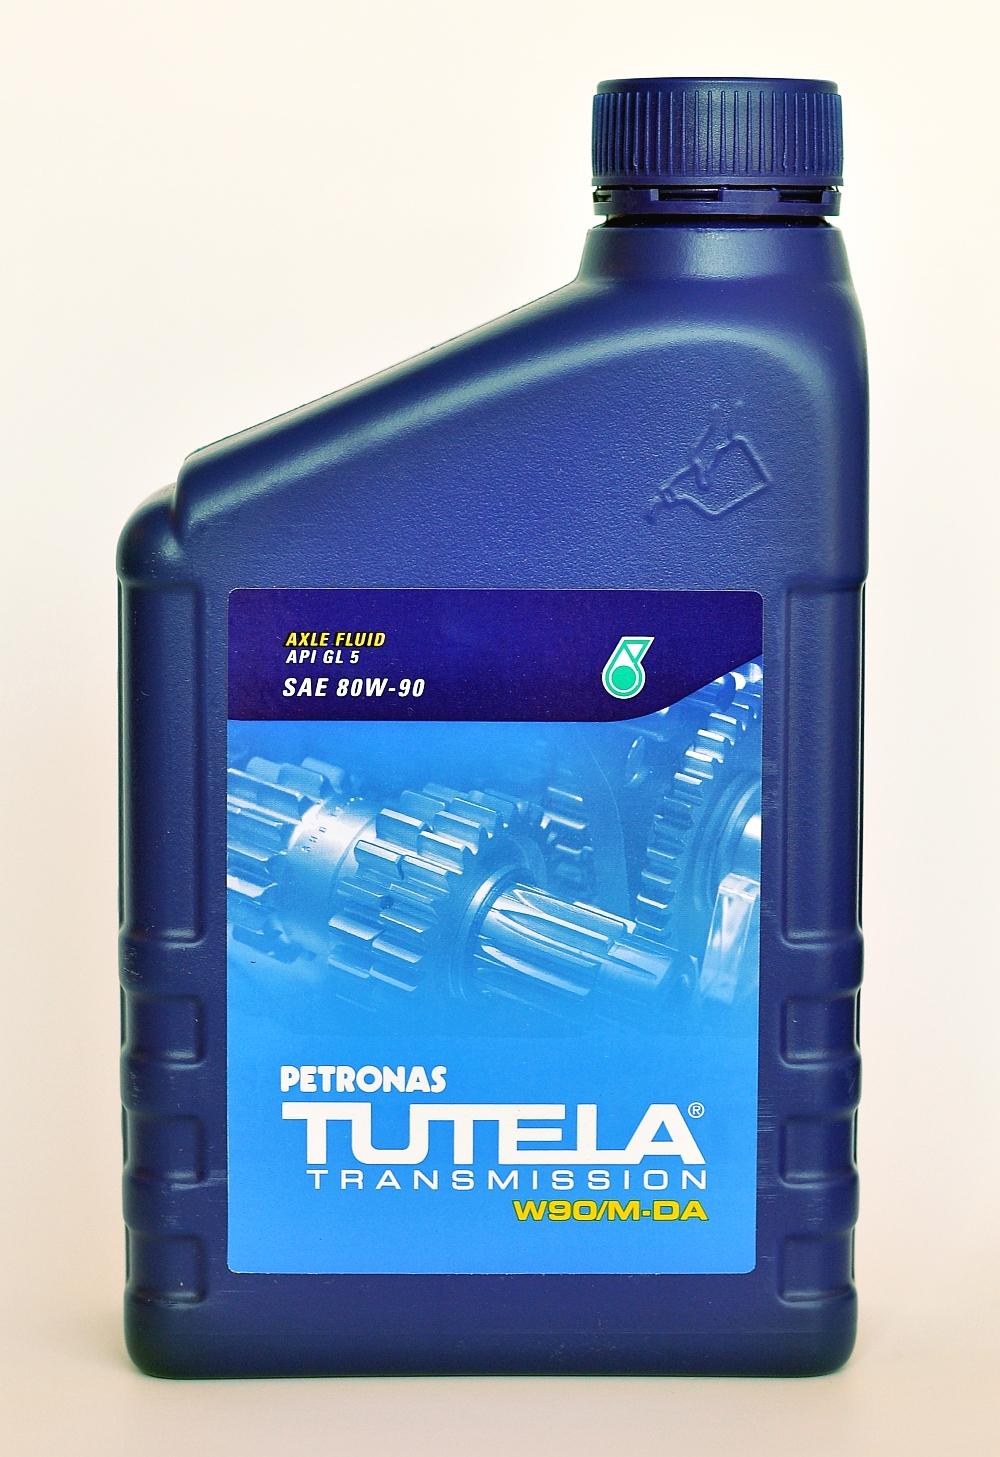 Ulei pentru cutie viteze manuala PETRONAS TUTELA W 90/M 80W90 1L